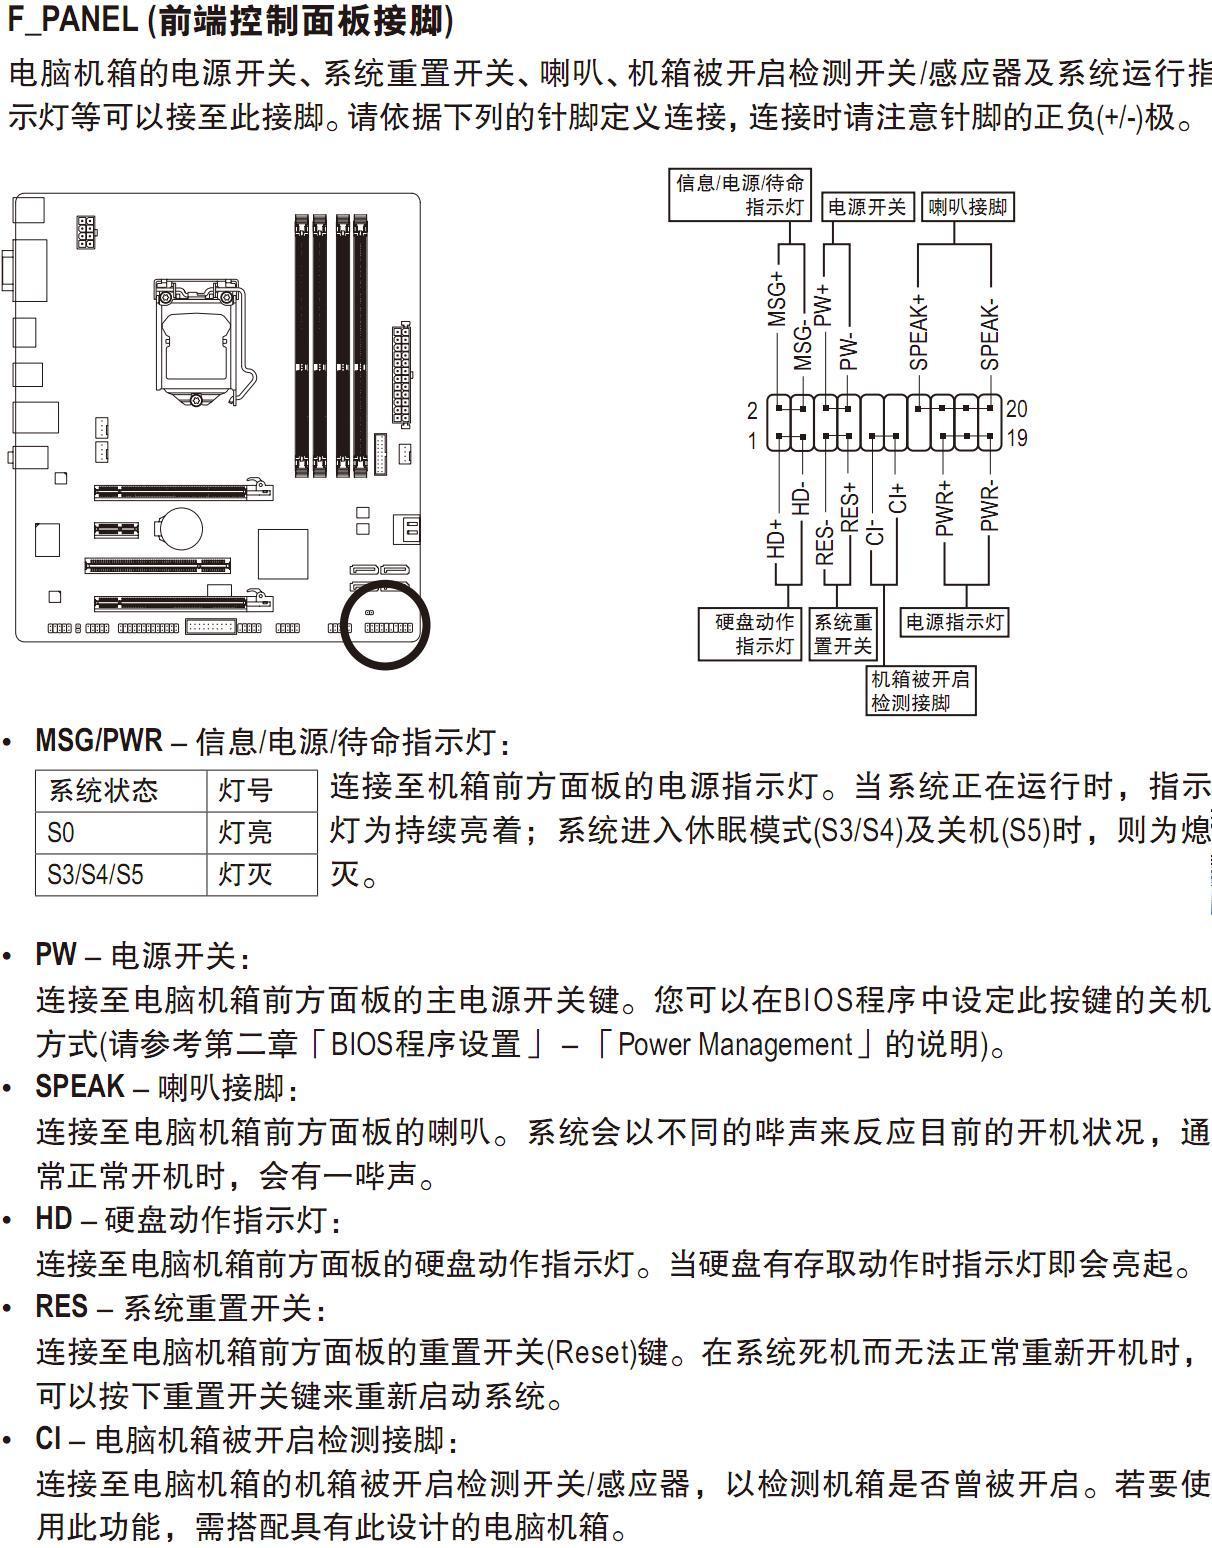 技嘉h77主板 小幻影机箱 求控制线连接方法最好有图